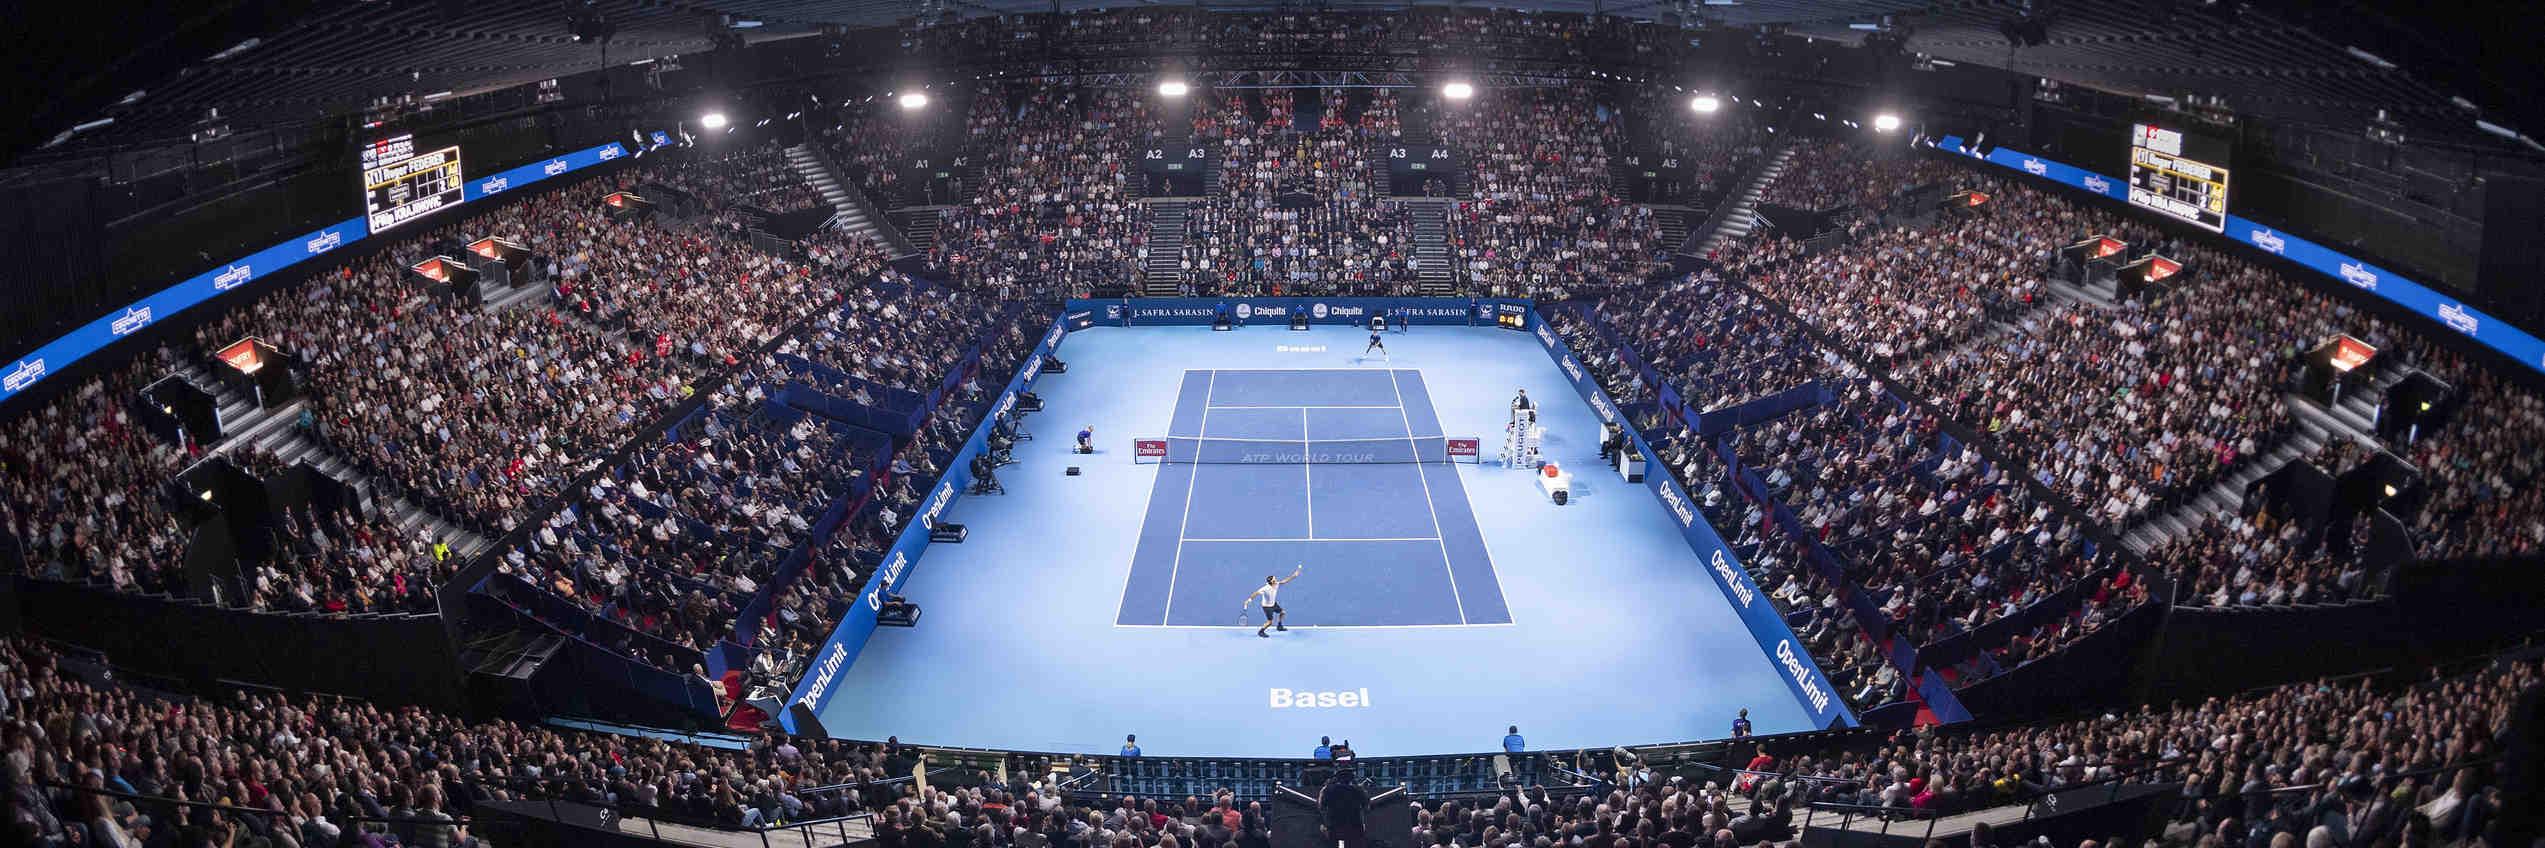 Les organisateurs du tournoi de Lyon (17-23 mai) ont annoncé samedi qu'ils avaient attribué leur dernière wild-card au n°5 mondial Stefanos Tsitsipas. Le Grec vient encore plus renforcer un plateau de choix pour un ATP 250.